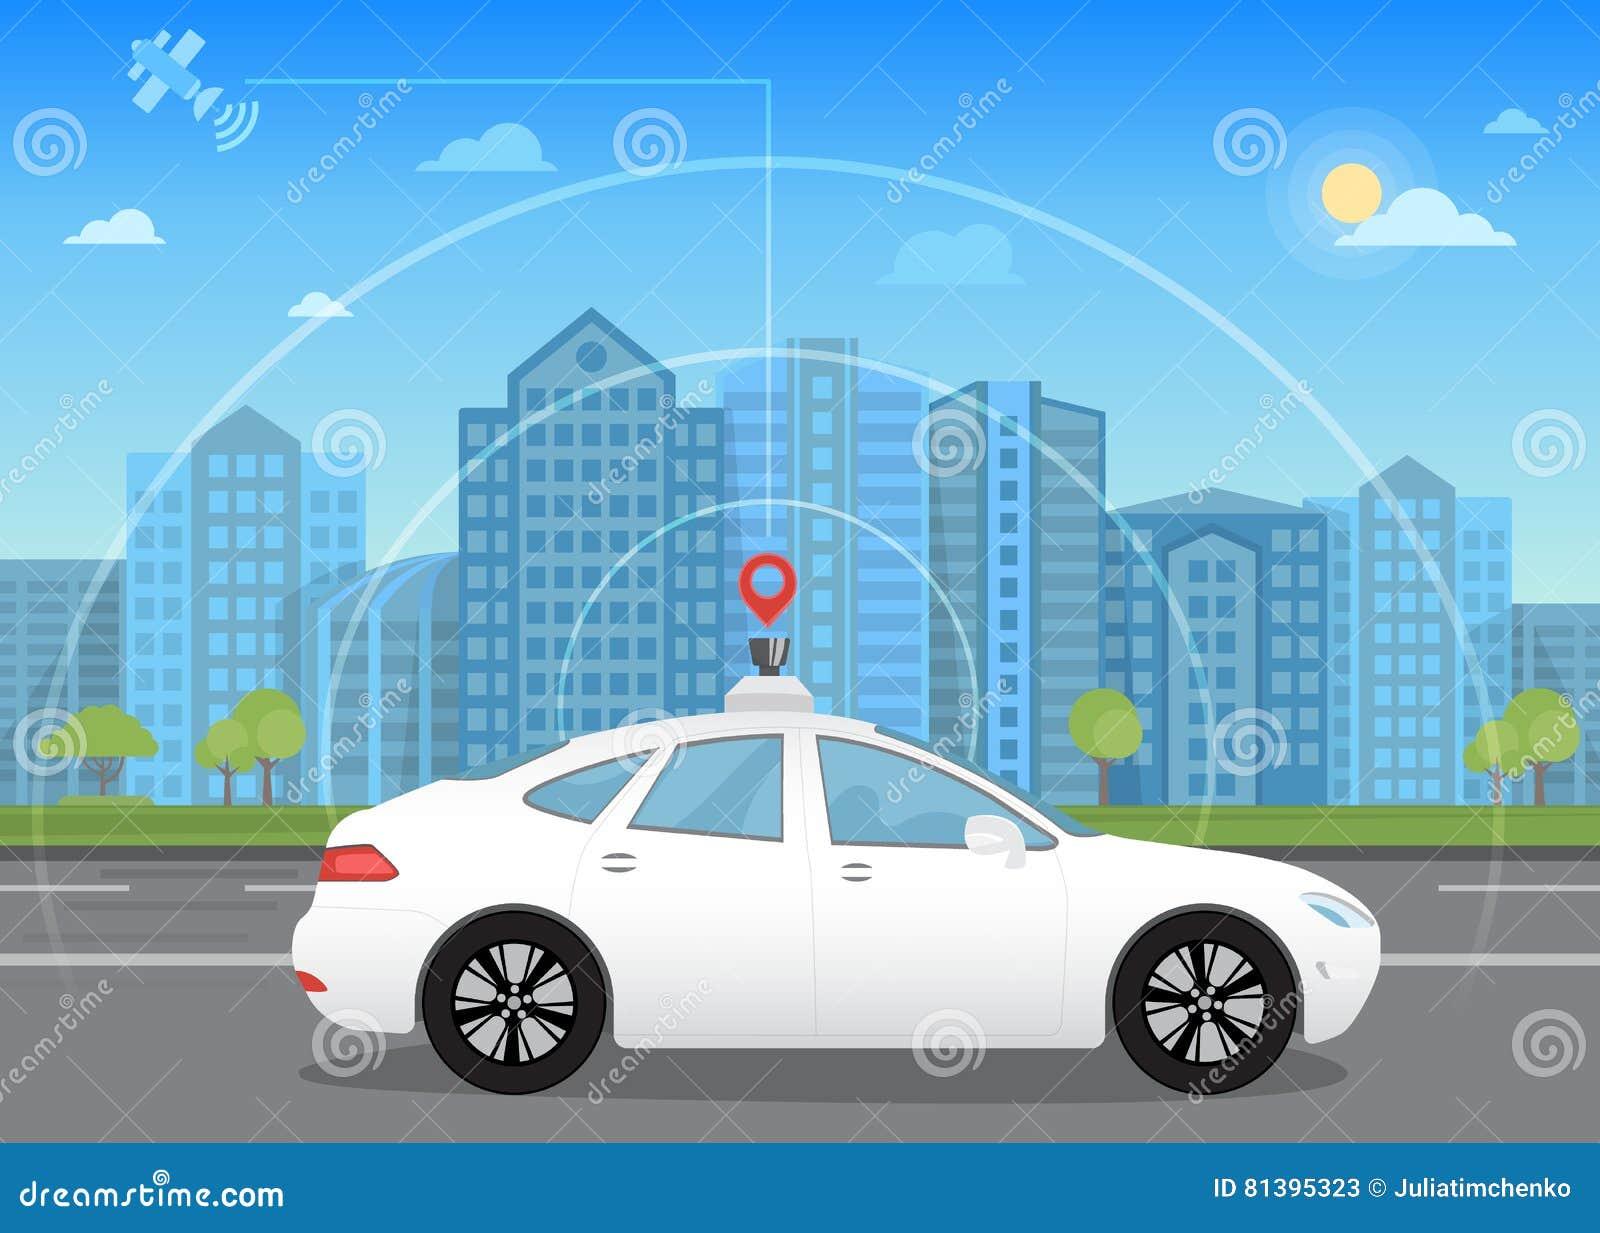 Auto-conduzir o carro driverless inteligente atravessa a cidade usando a navegação moderna